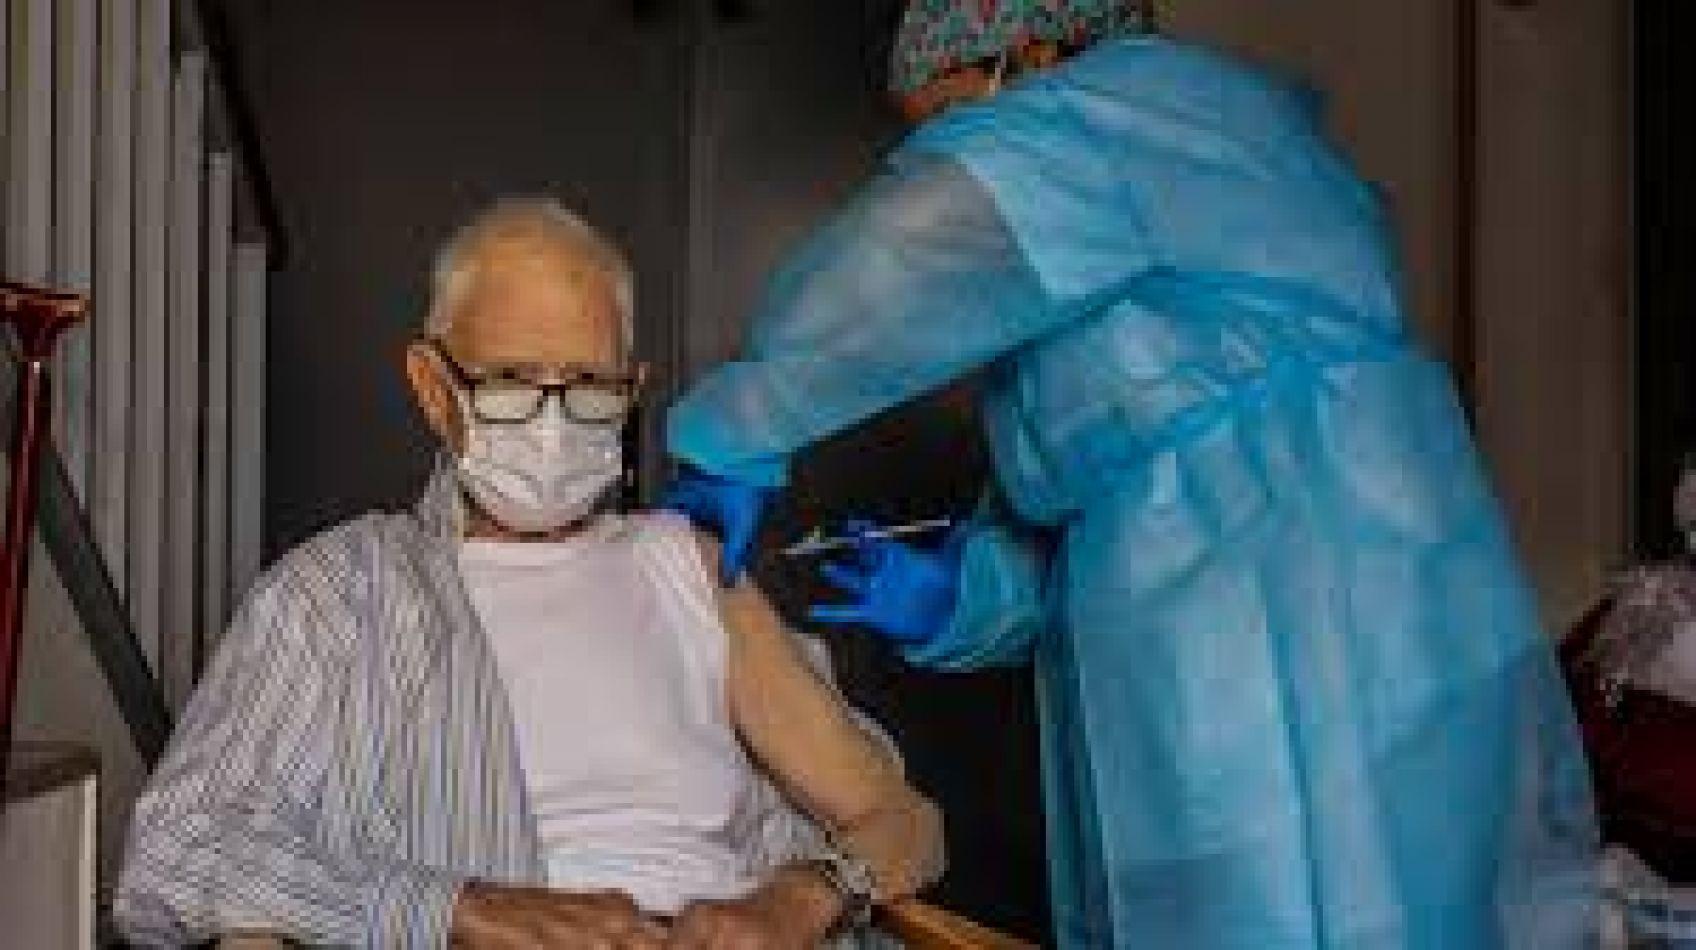 Primero se vacunará en geriátricos